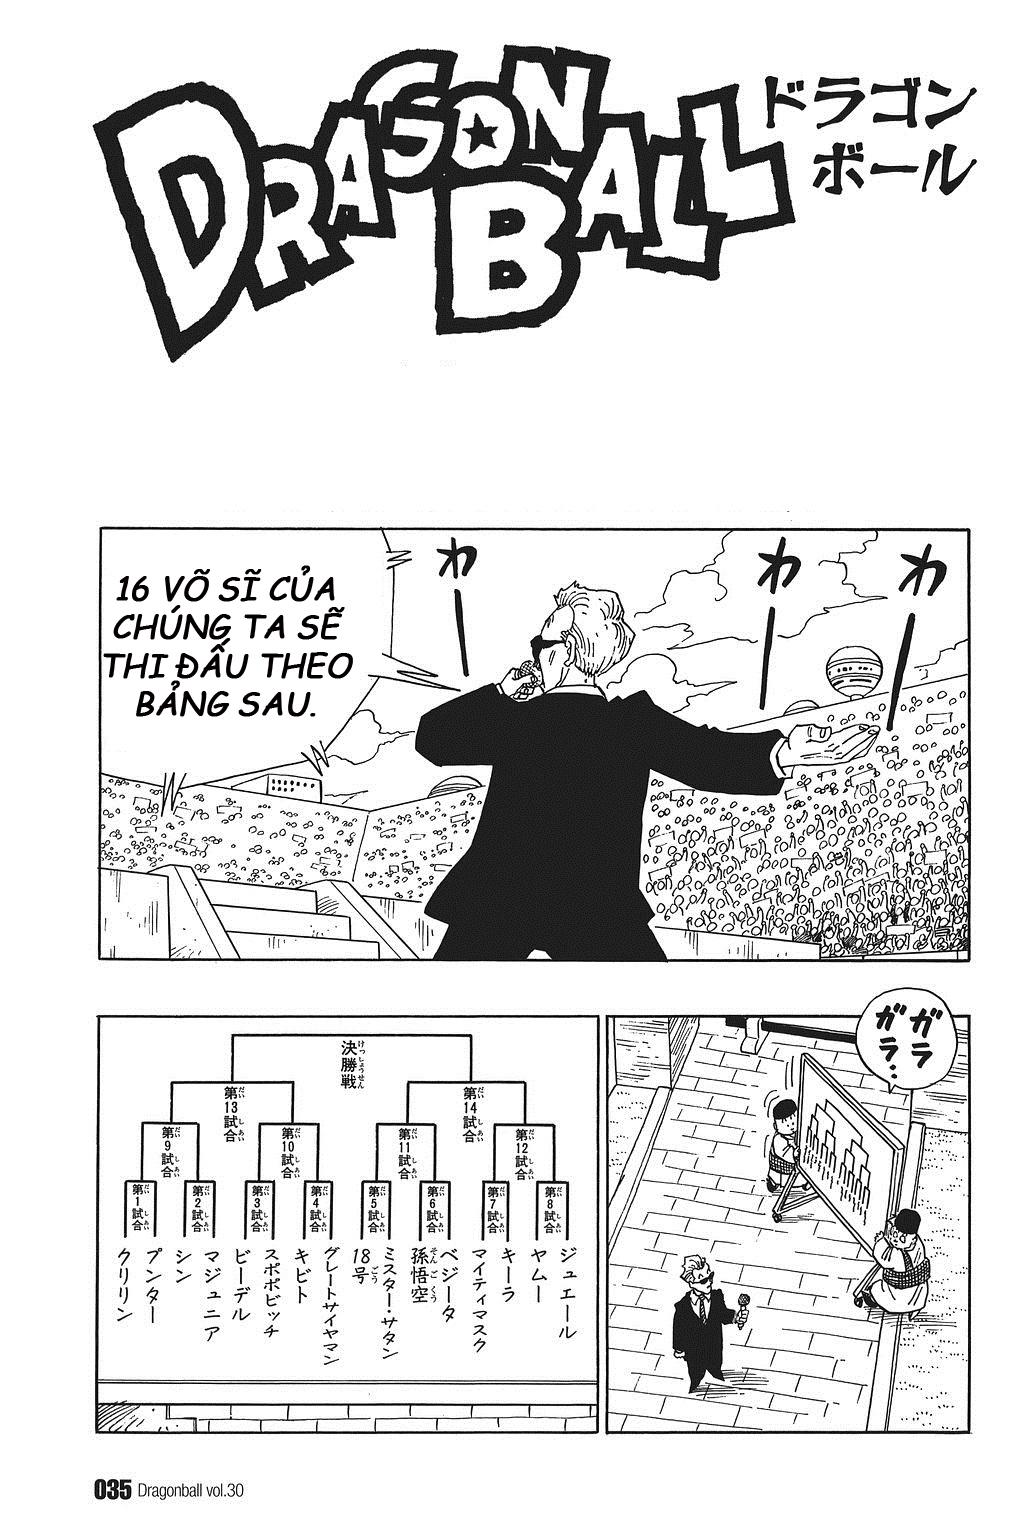 xem truyen moi - Dragon Ball Bản Vip - Bản Đẹp Nguyên Gốc Chap 439